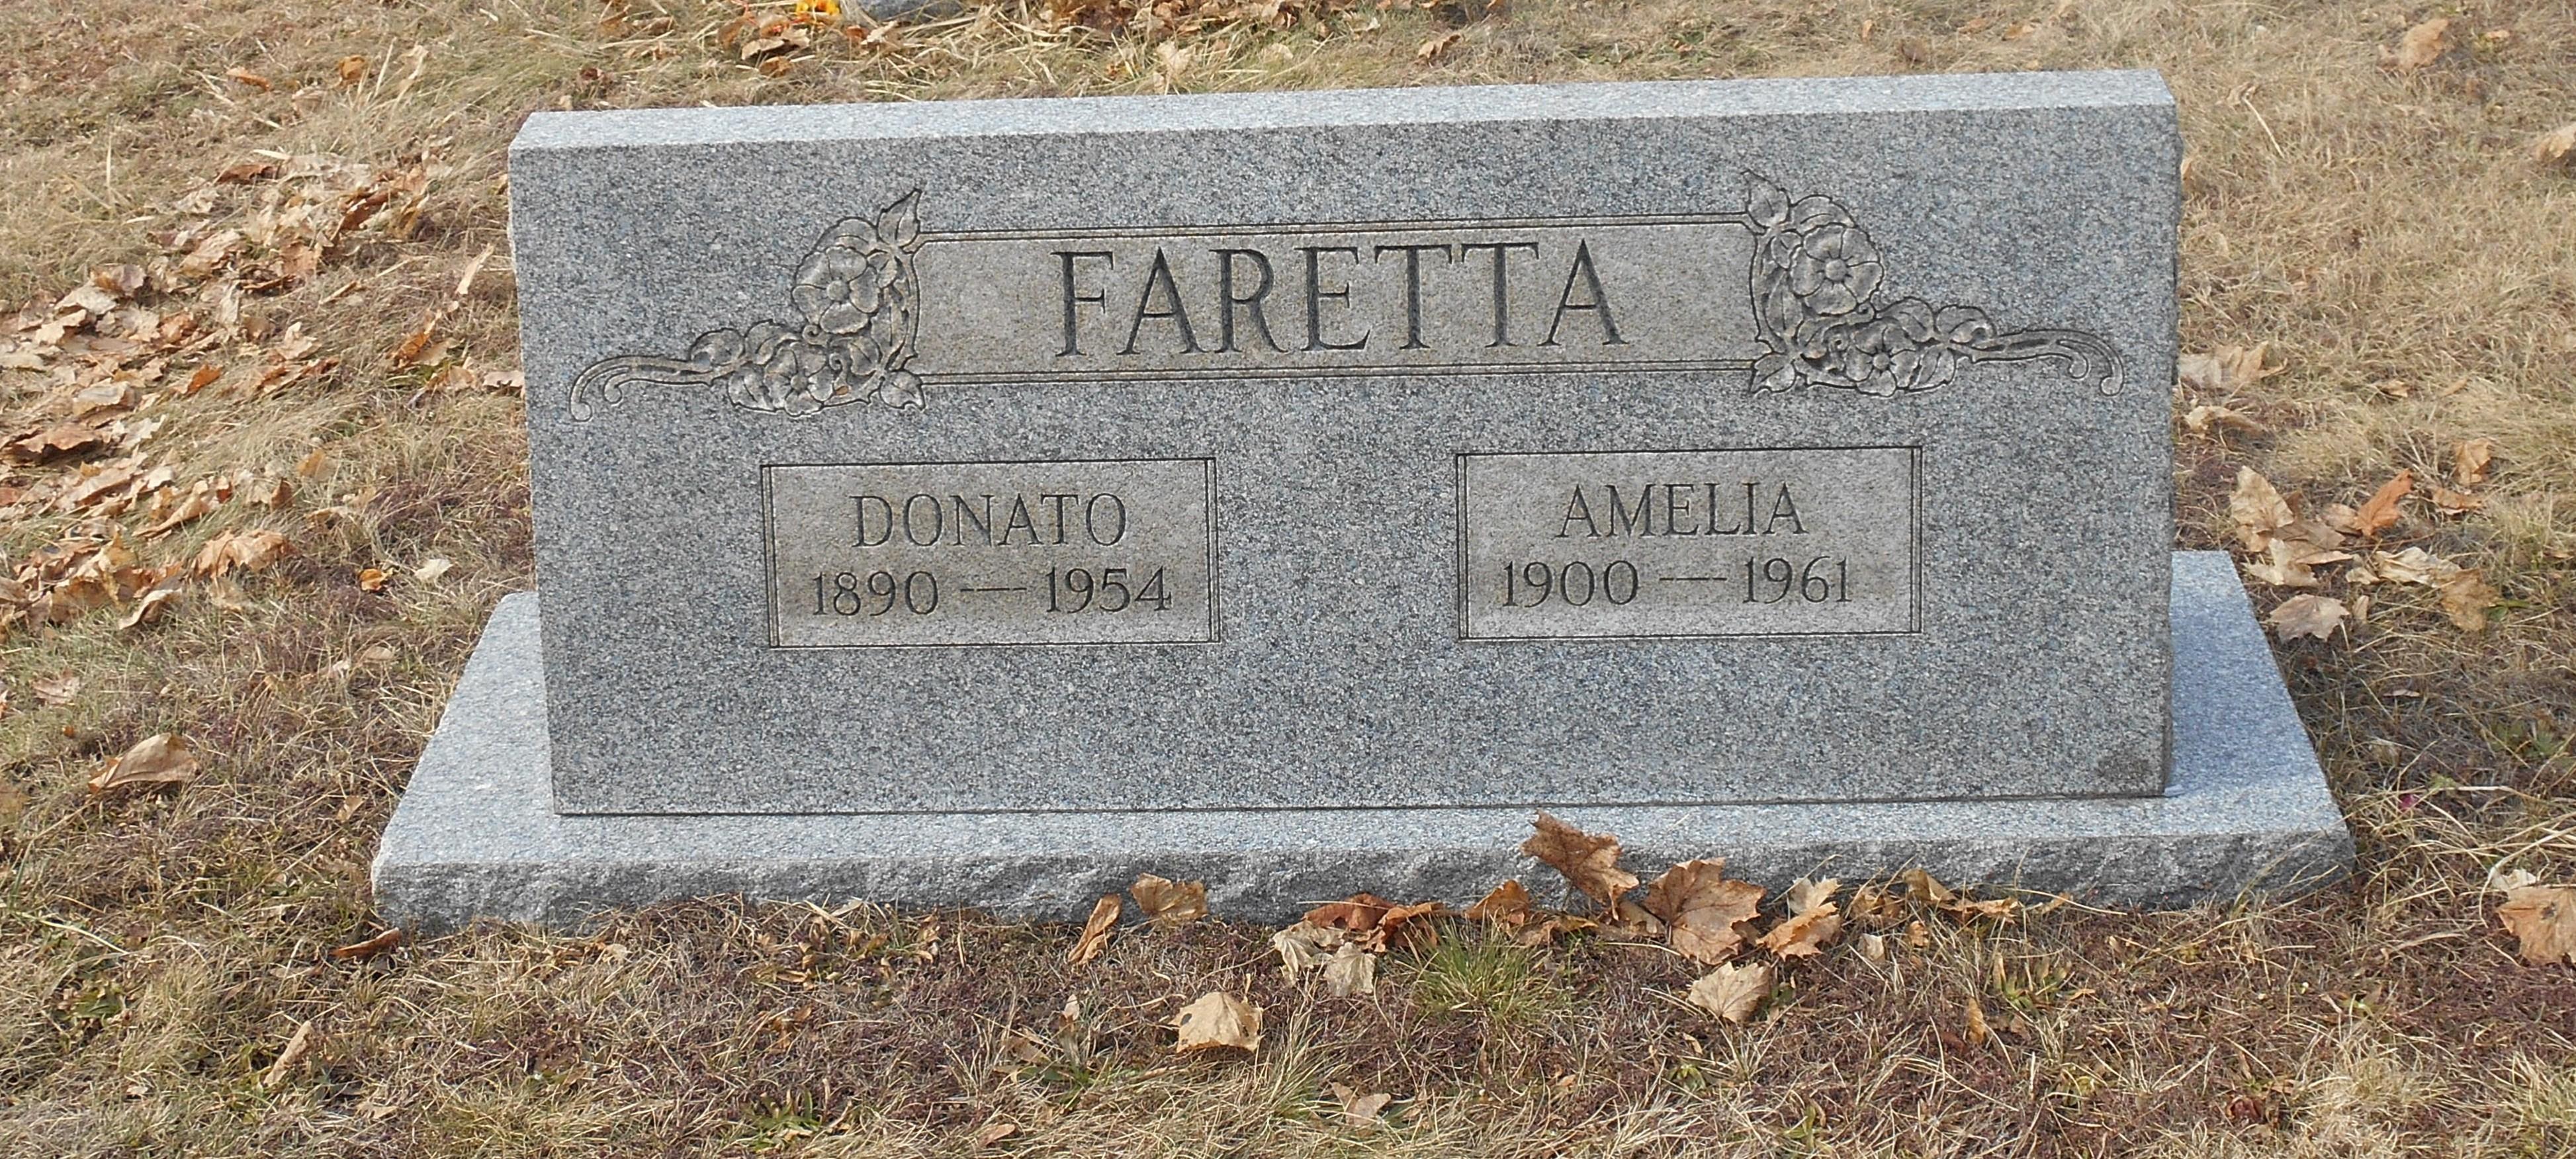 Donato Faretta